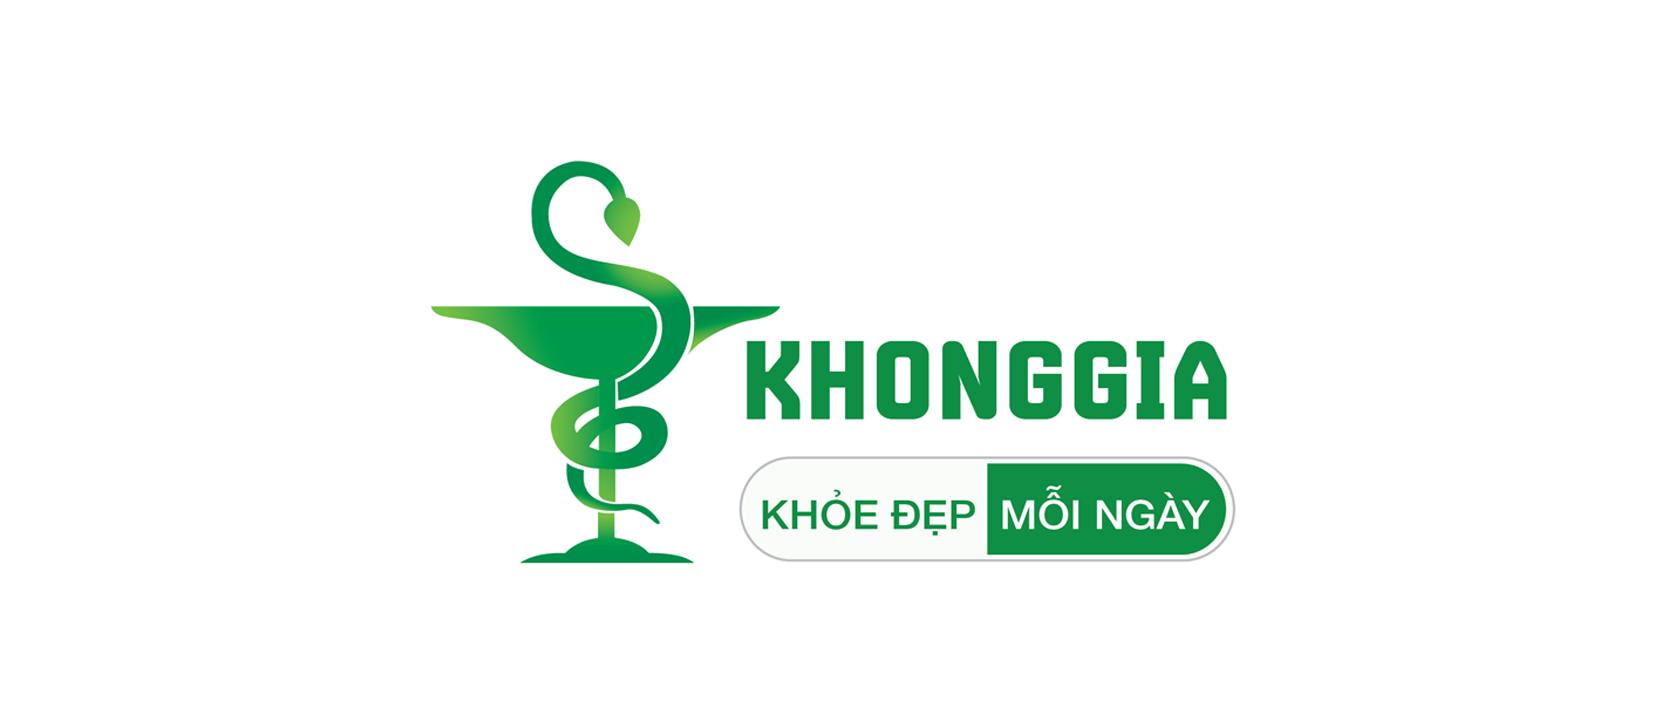 Hình ảnh của logo bệnh viện thường mang đặc điểm của bệnh viện đó